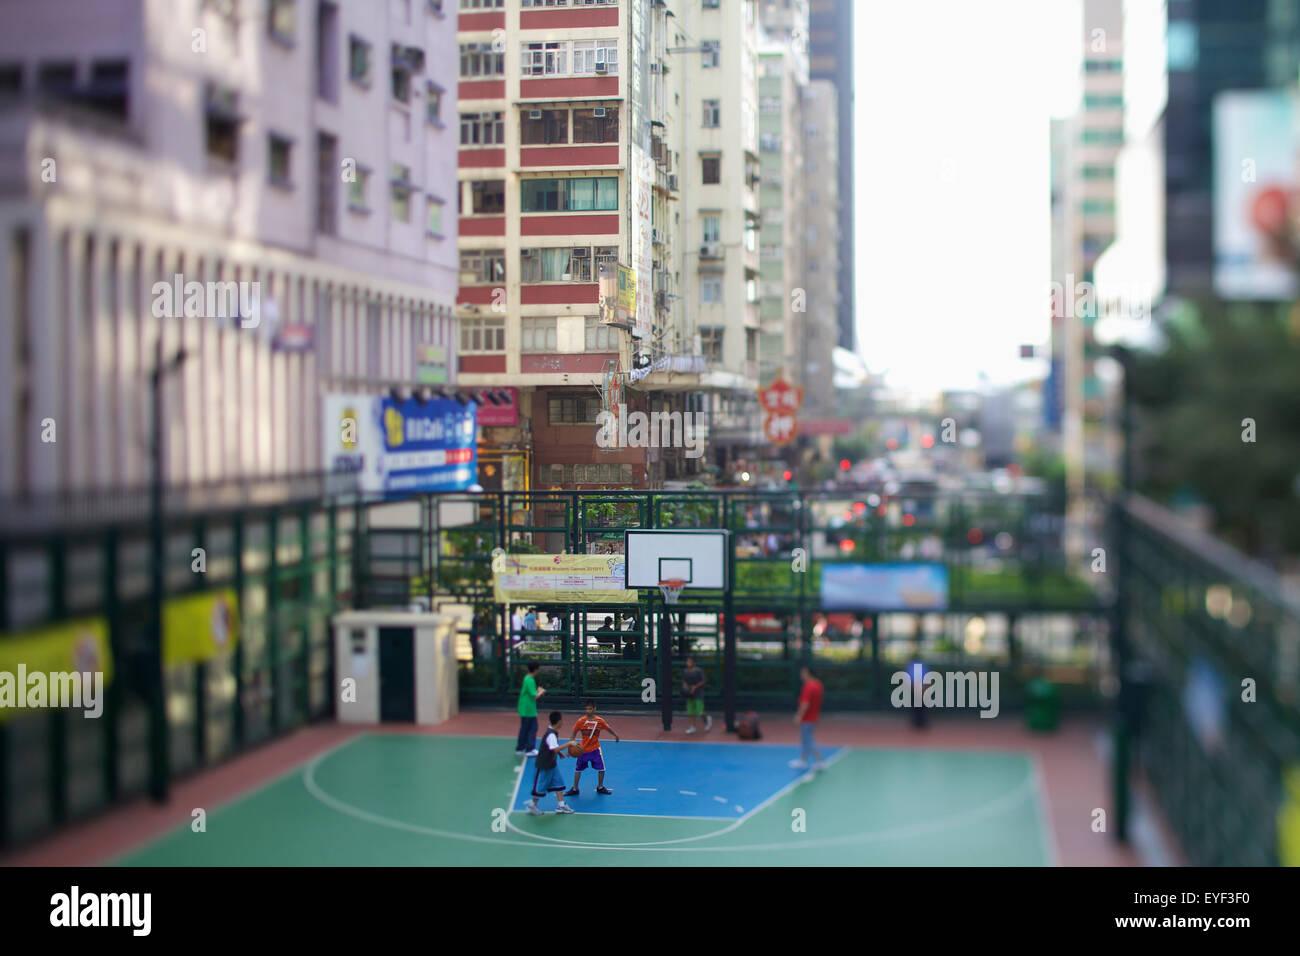 an outdoor basketball court in an urban area hong kong